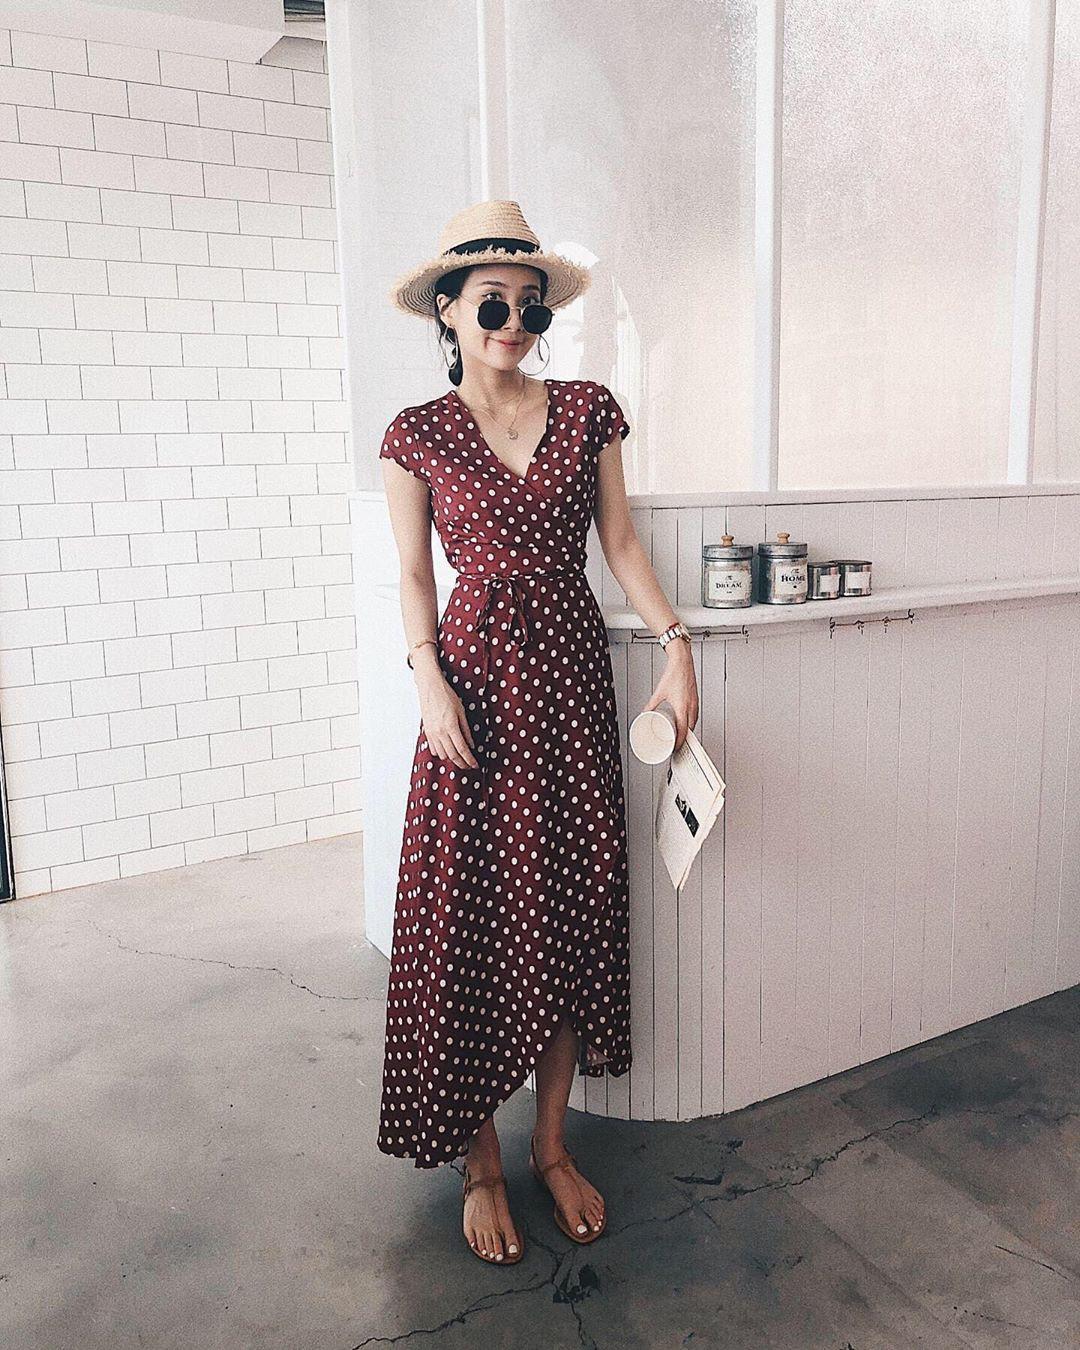 """4 mẫu váy đơn giản nhưng thừa độ sang chảnh, tinh tế giúp style của chị em """"sang trang"""" mới huy hoàng - Ảnh 10."""